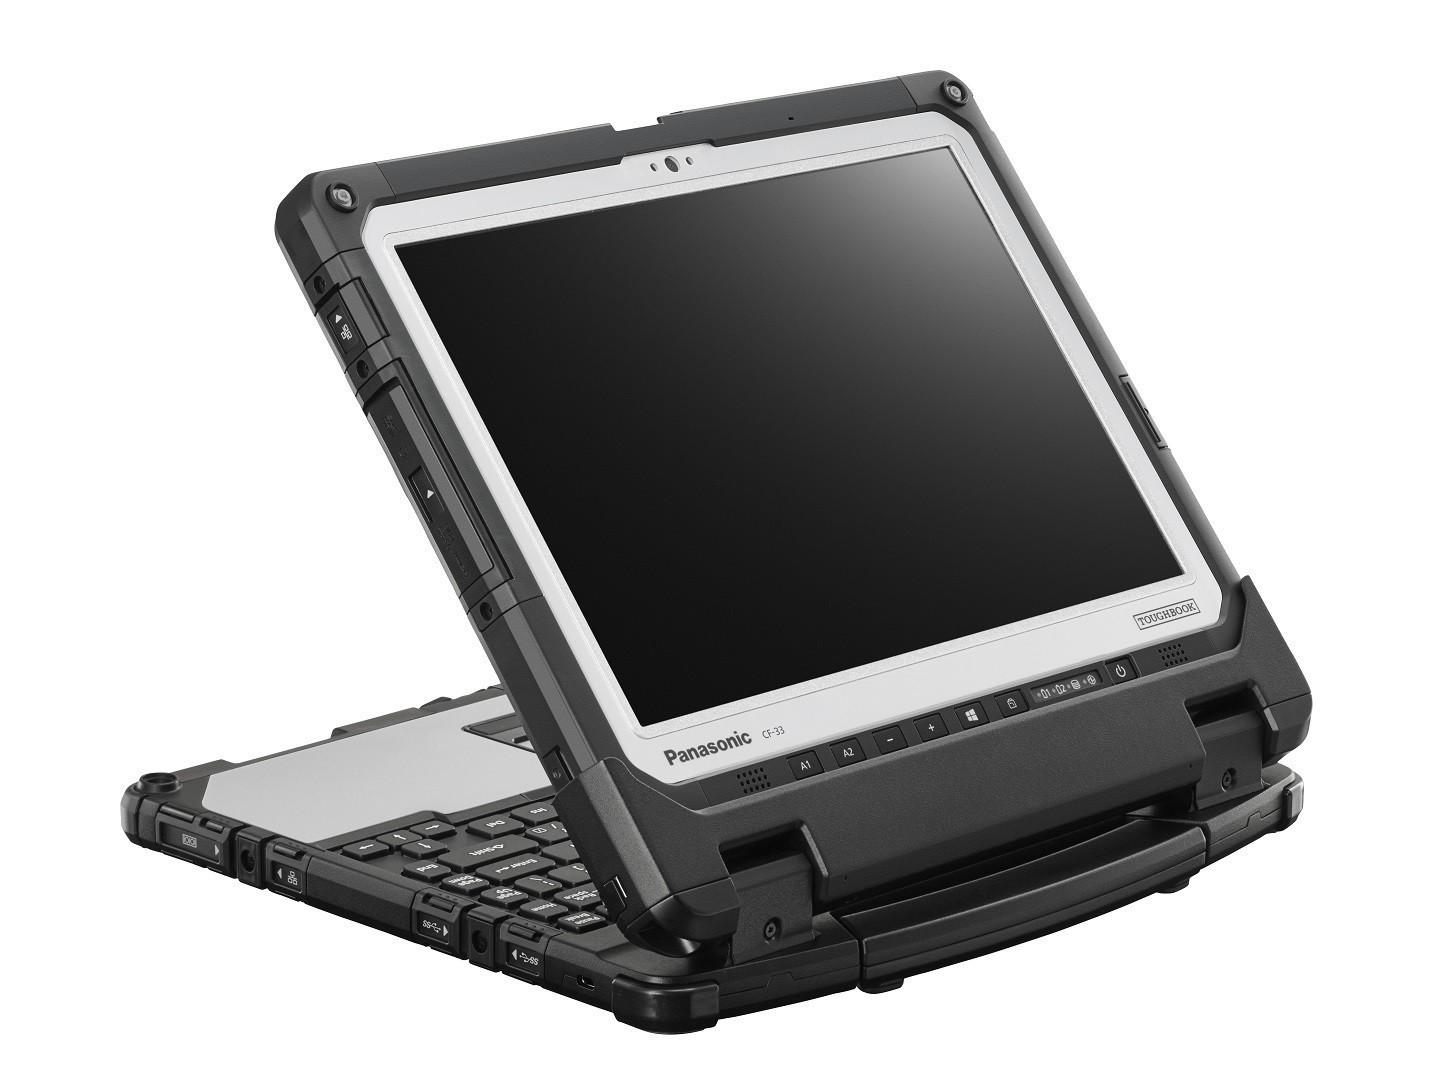 Panasonic ra mắt laptop lai với khả năng chống nước và chịu được điều kiện khắc nghiệt